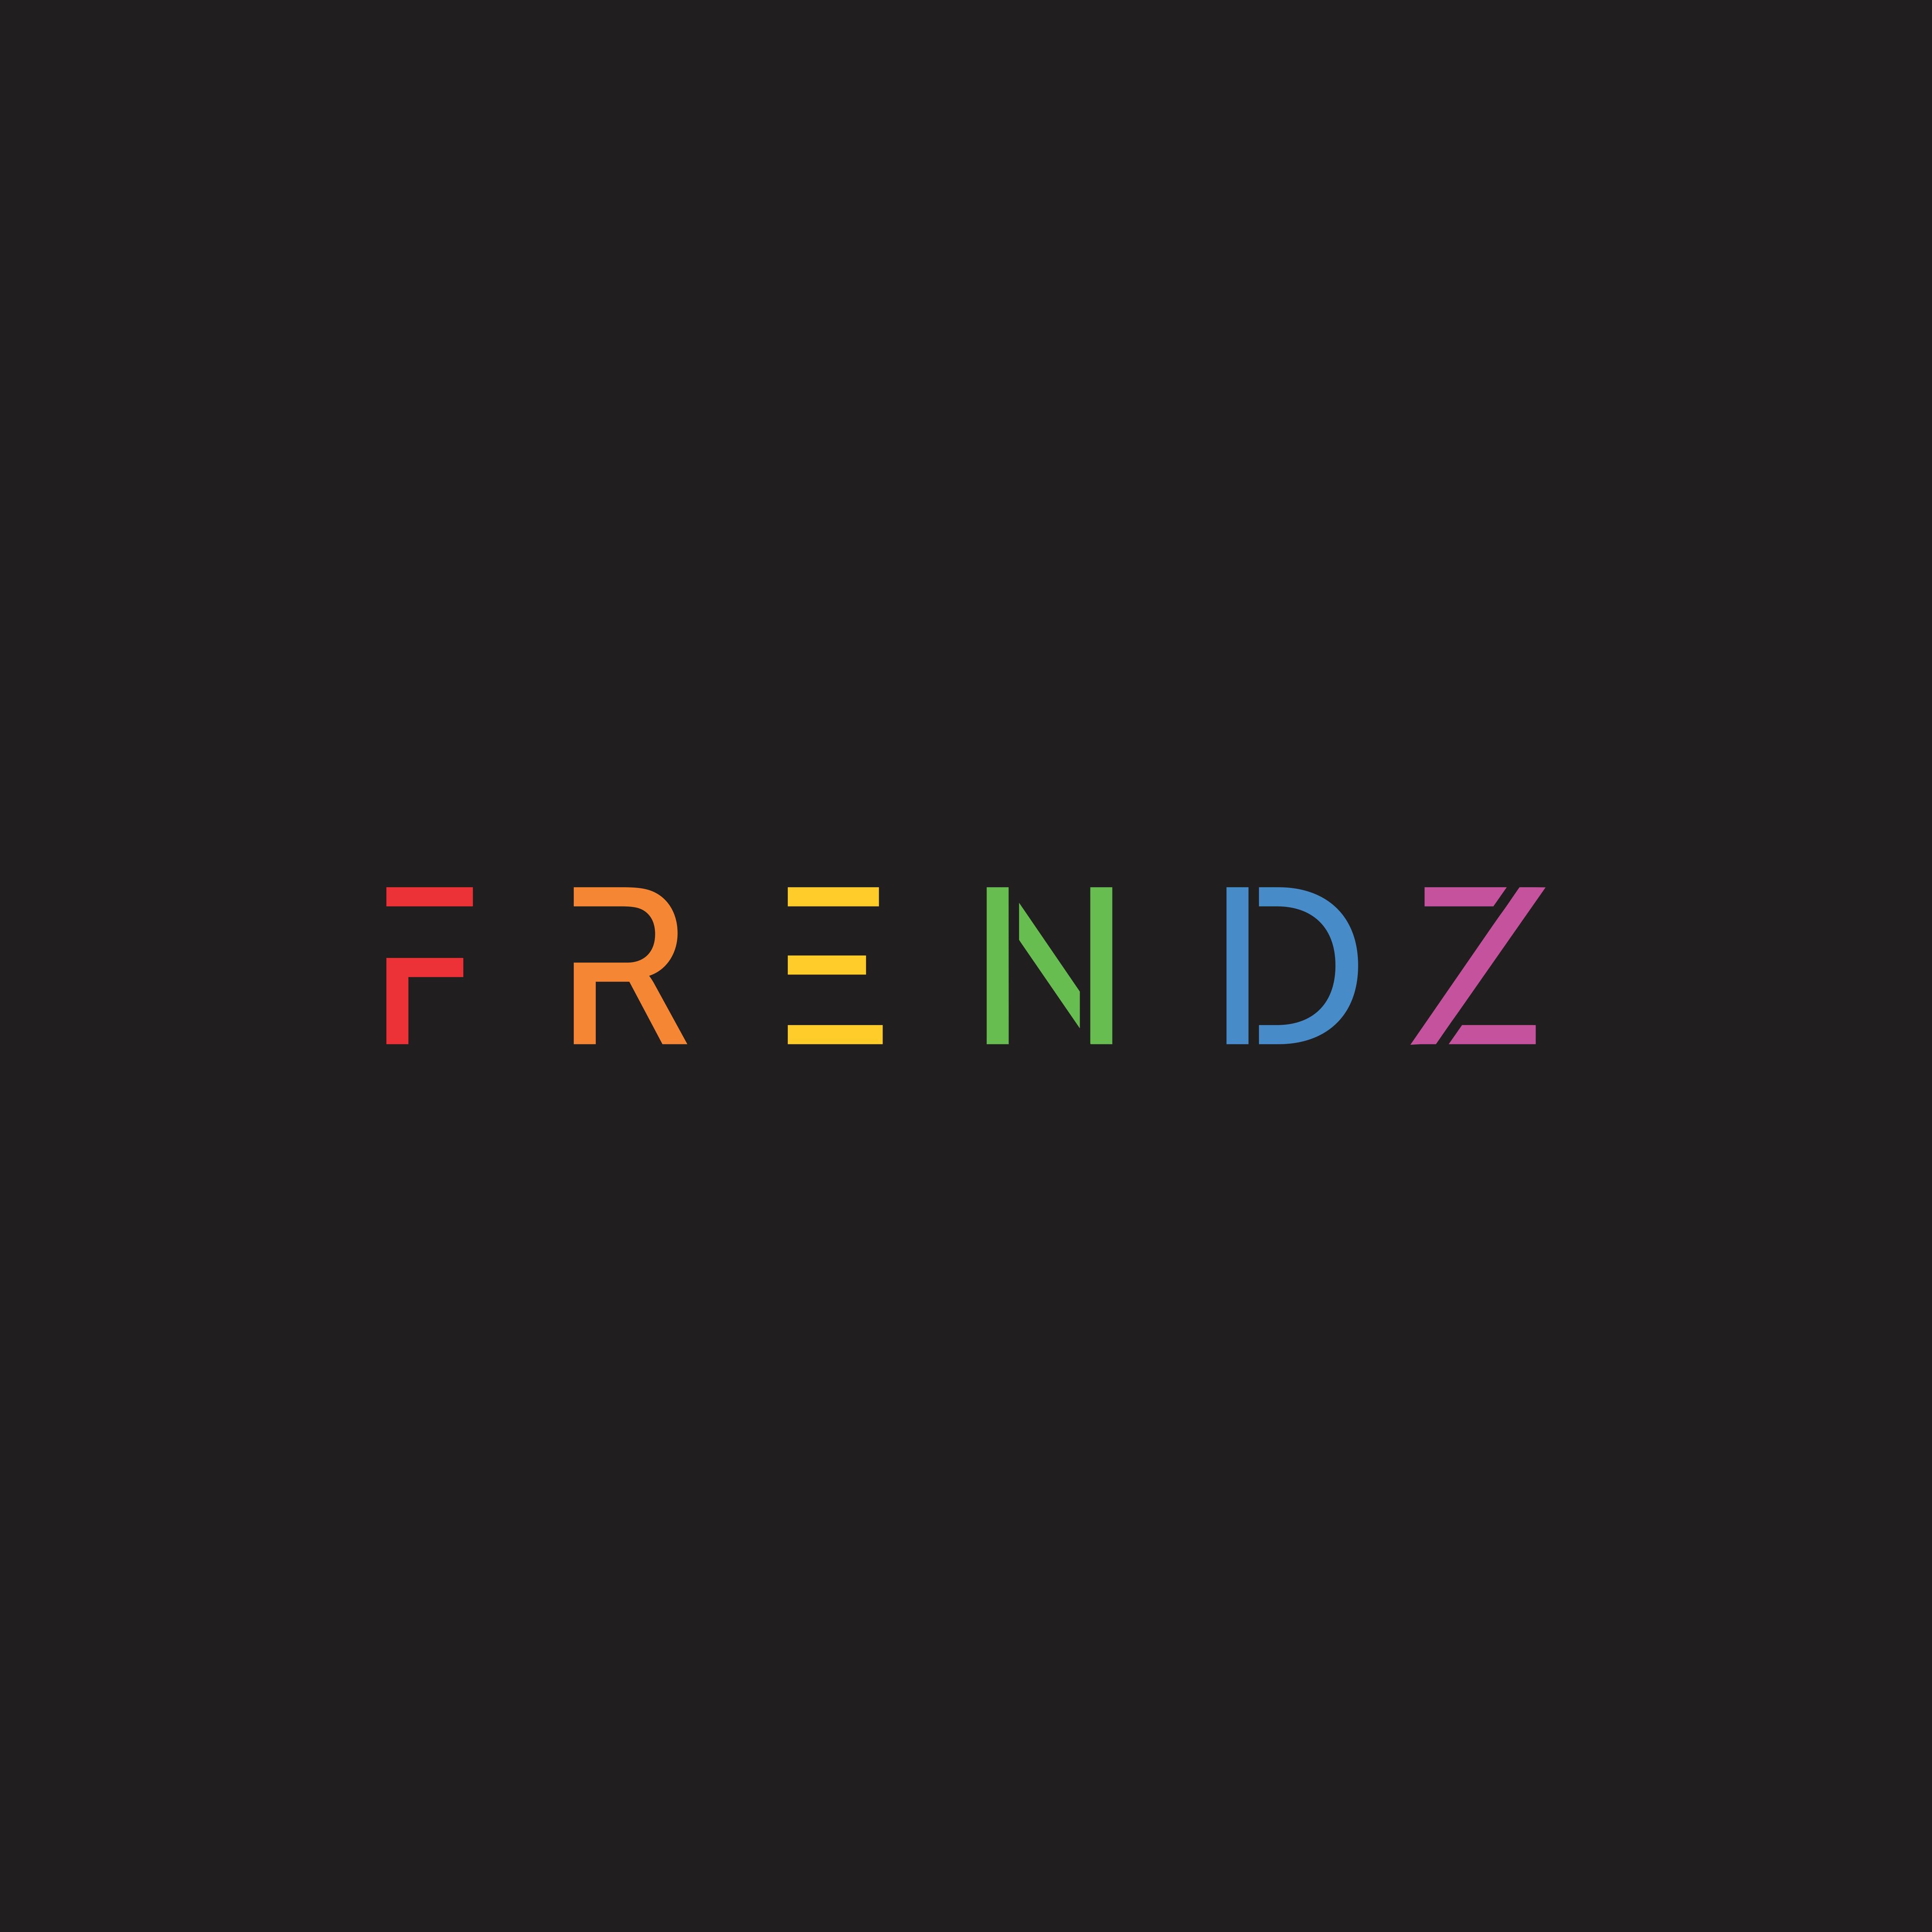 Unique rainbow in logo